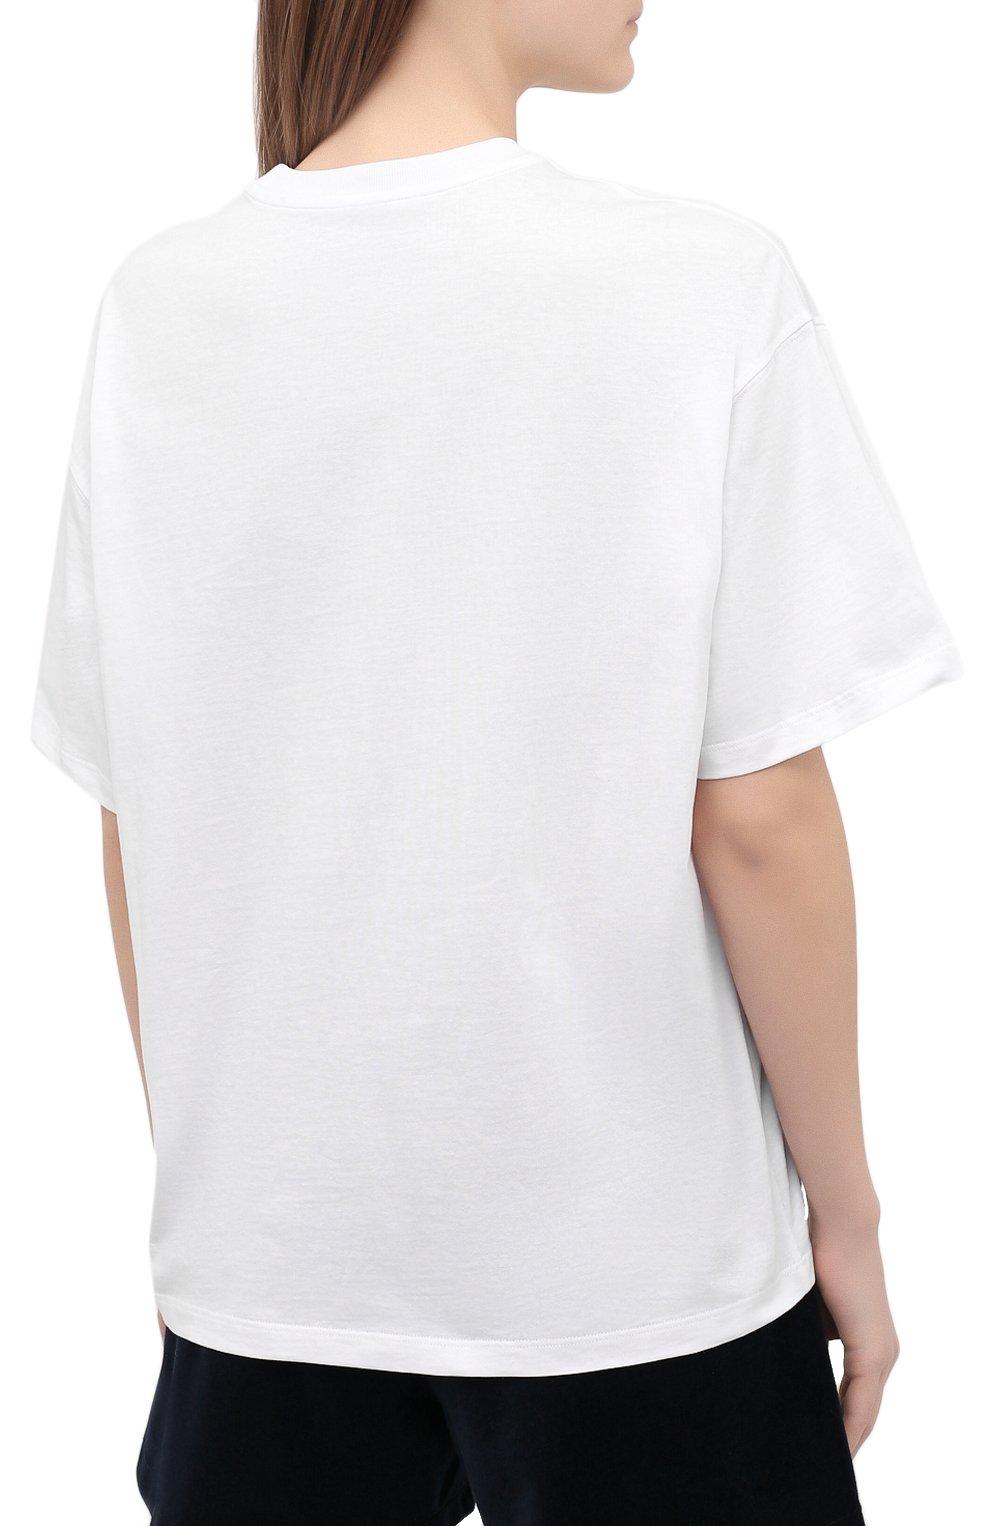 Женская хлопковая футболка OPENING CEREMONY белого цвета, арт. YWAA010S21JER001   Фото 4 (Рукава: Короткие; Длина (для топов): Стандартные; Принт: С принтом; Материал внешний: Хлопок; Стили: Спорт-шик; Женское Кросс-КТ: Футболка-одежда)